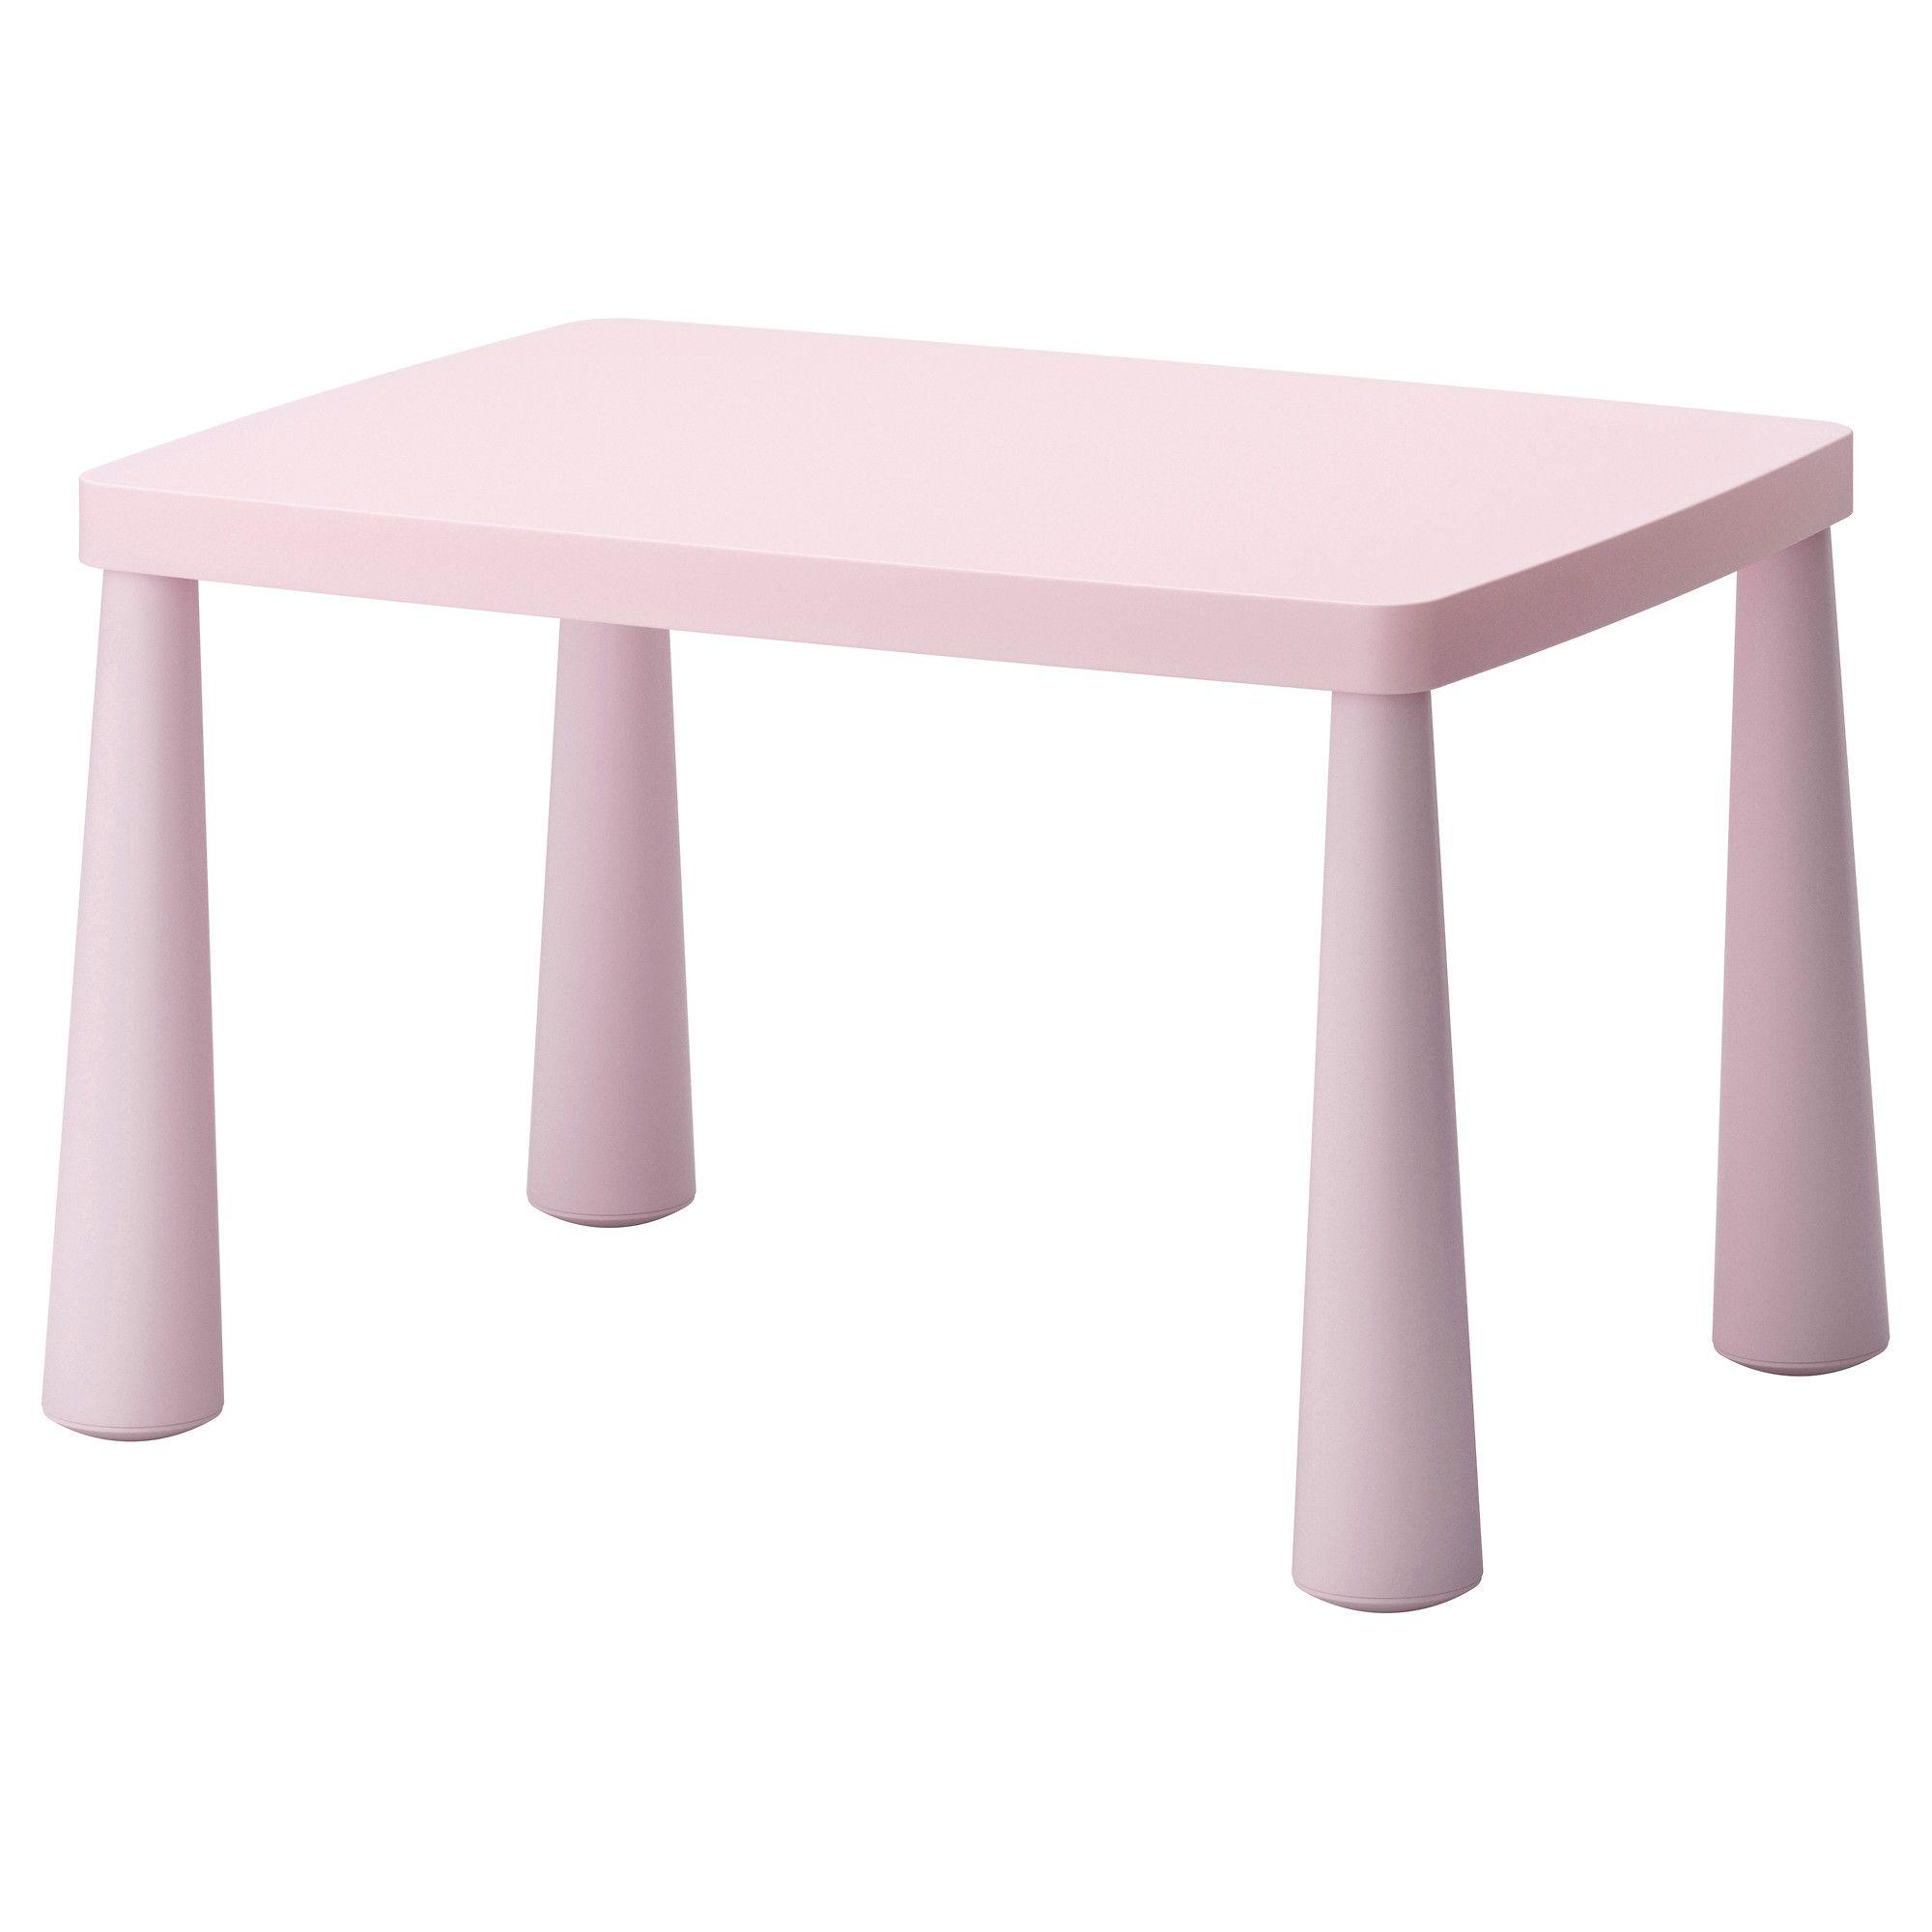 chaise enfantTable ikea Meubles accessoiresTable et et nwNm80Ov